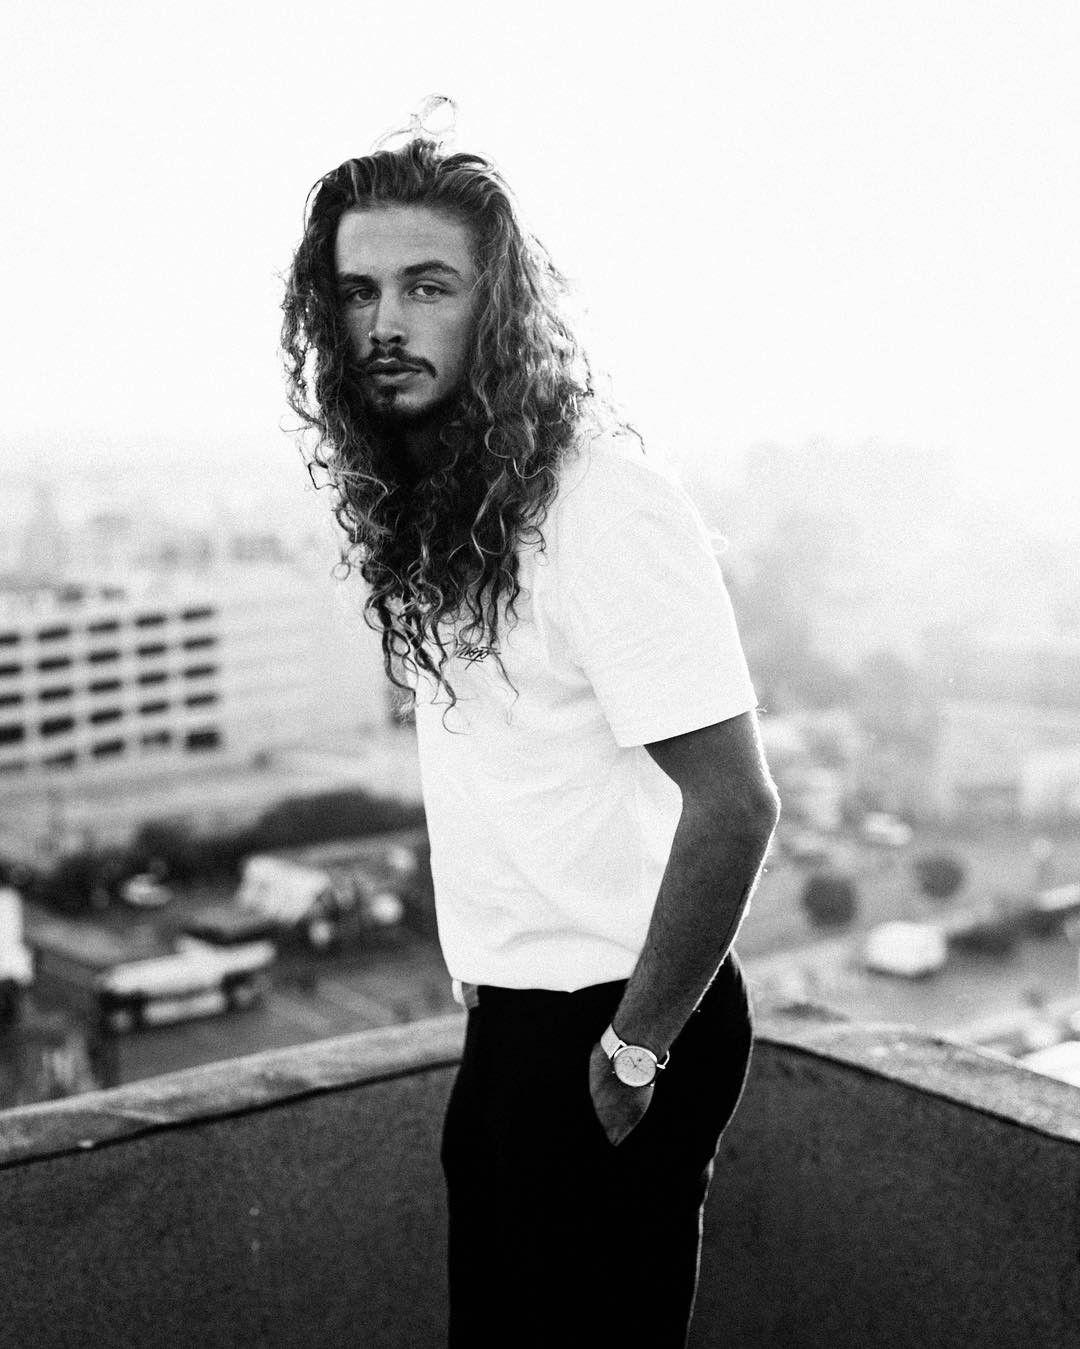 Long curly hair for men long hair inspiration long natural hair - Giaro Giarratana Long Curly Hair For Men Inspiration Long Curly Hair Natural